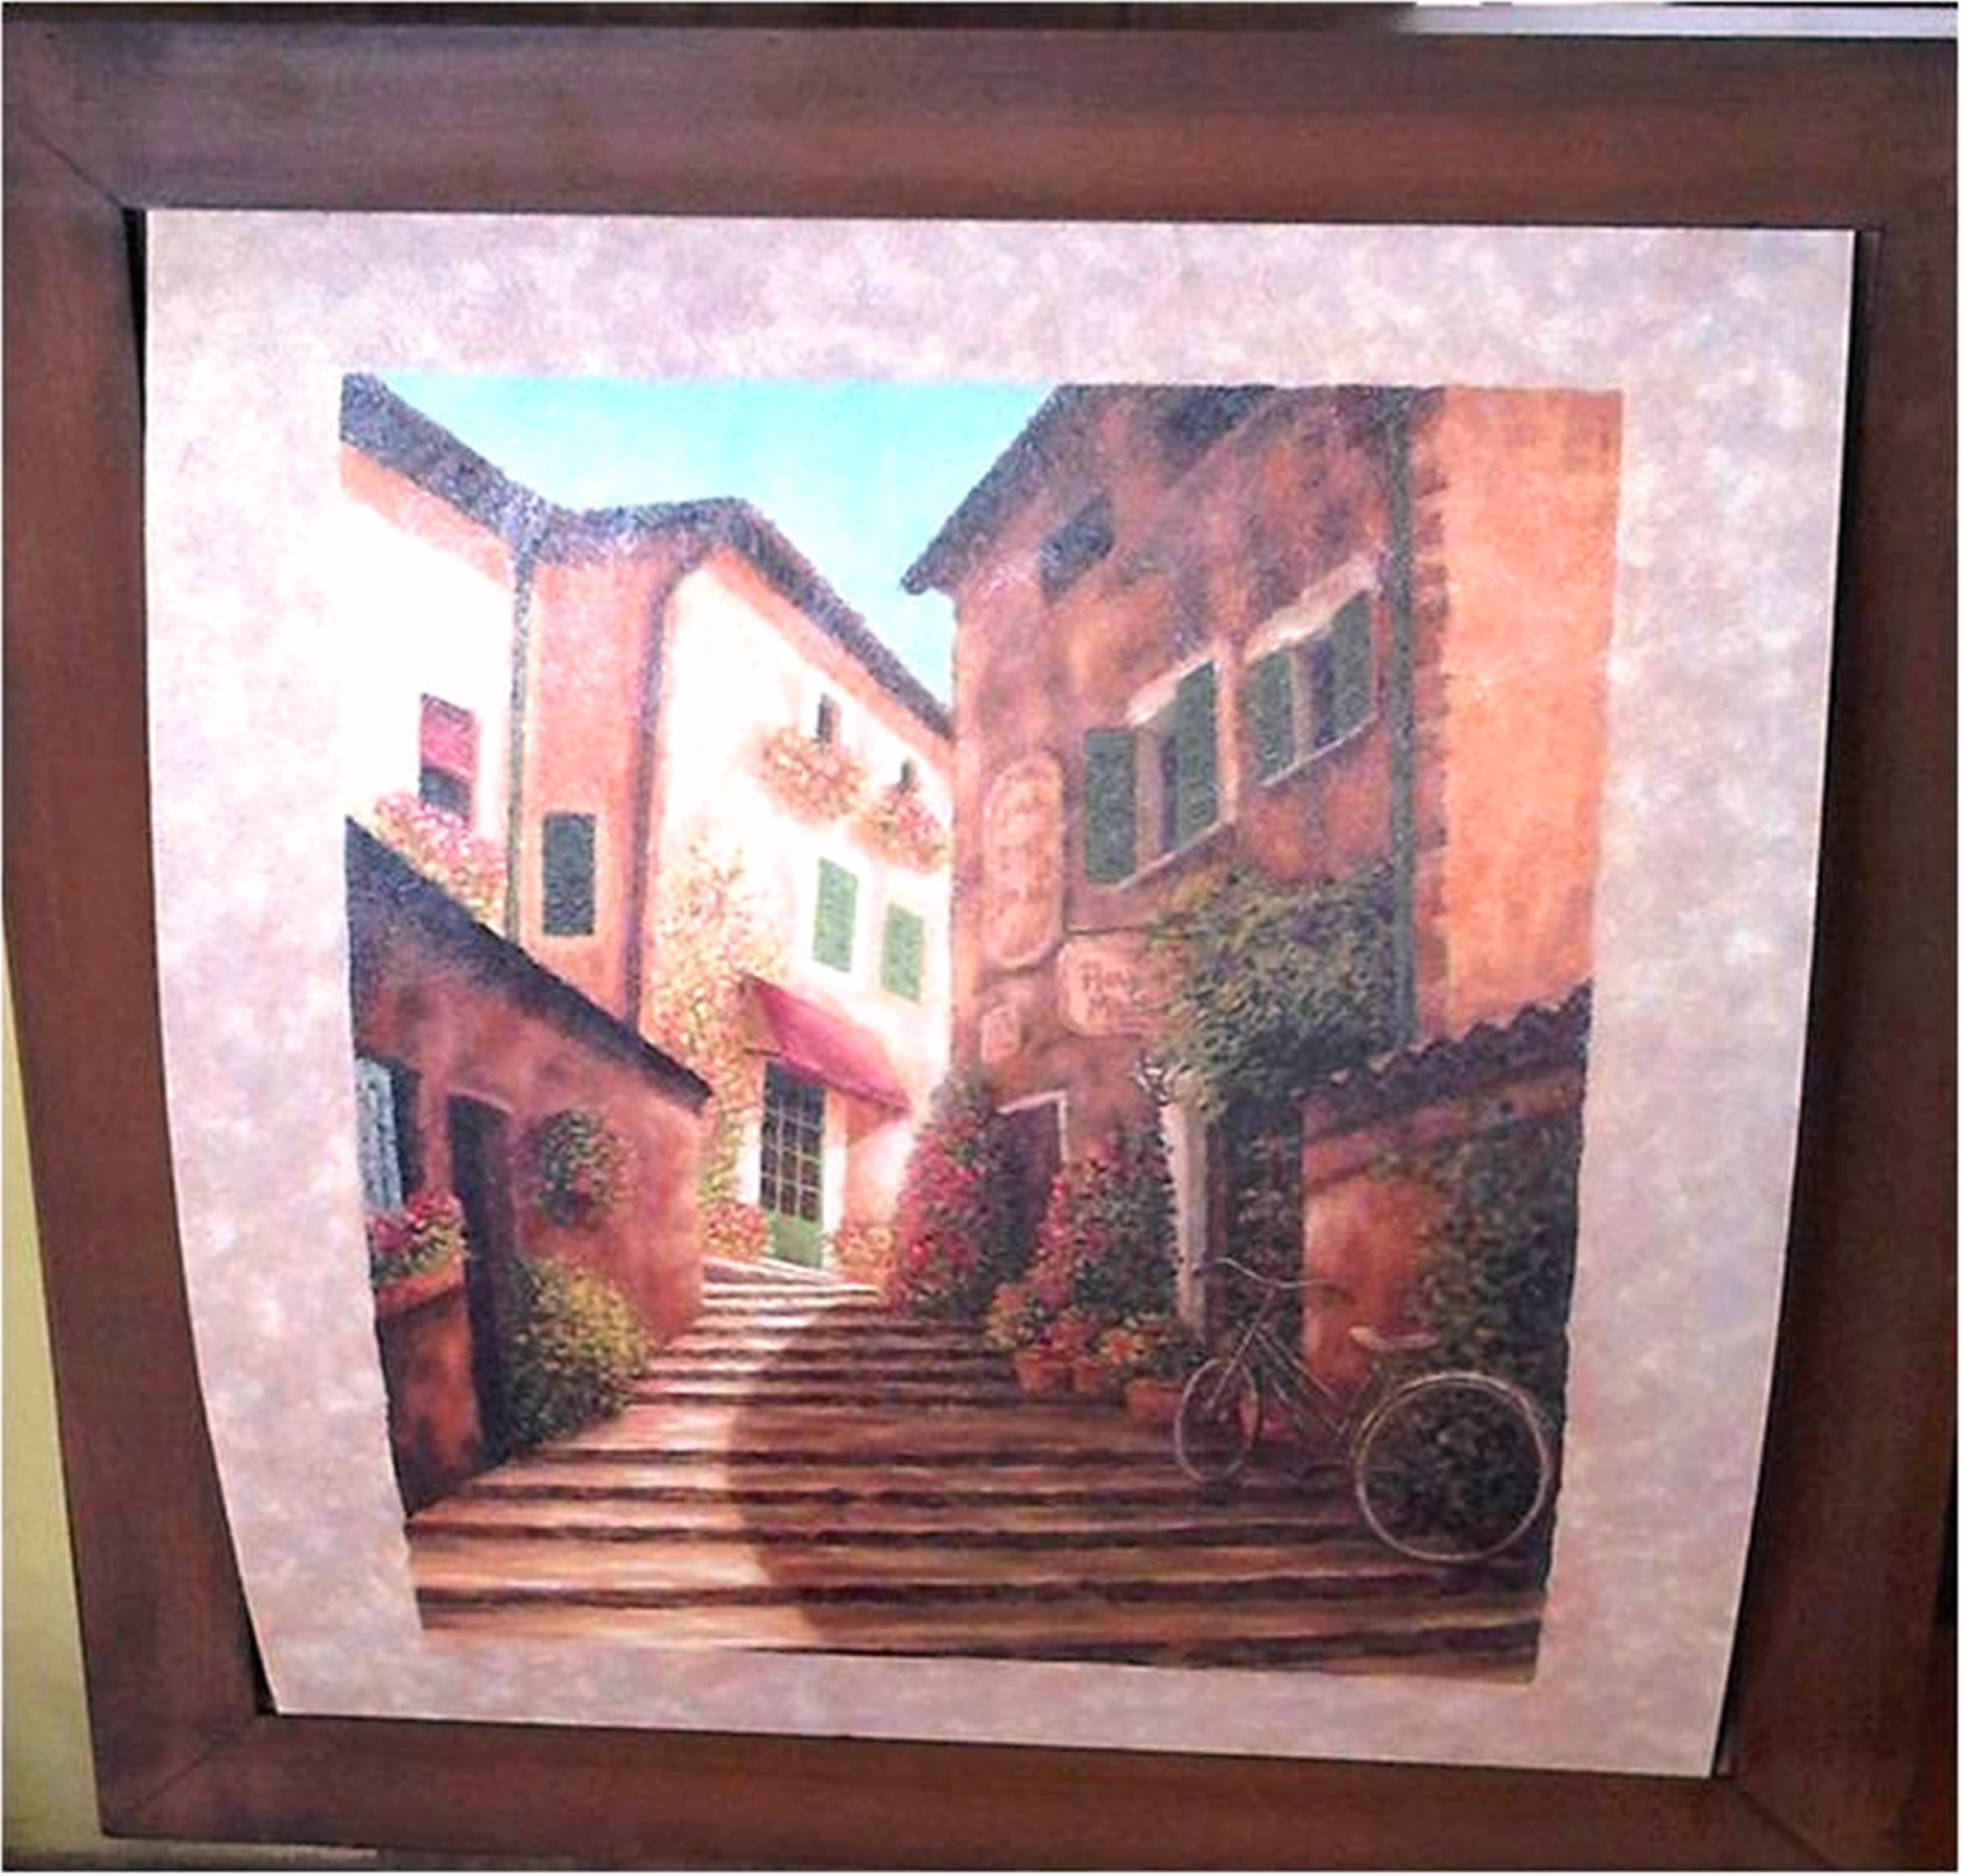 Cuadro mediano estilo country cuadros tridimensionales - Cuadros estilo colonial ...